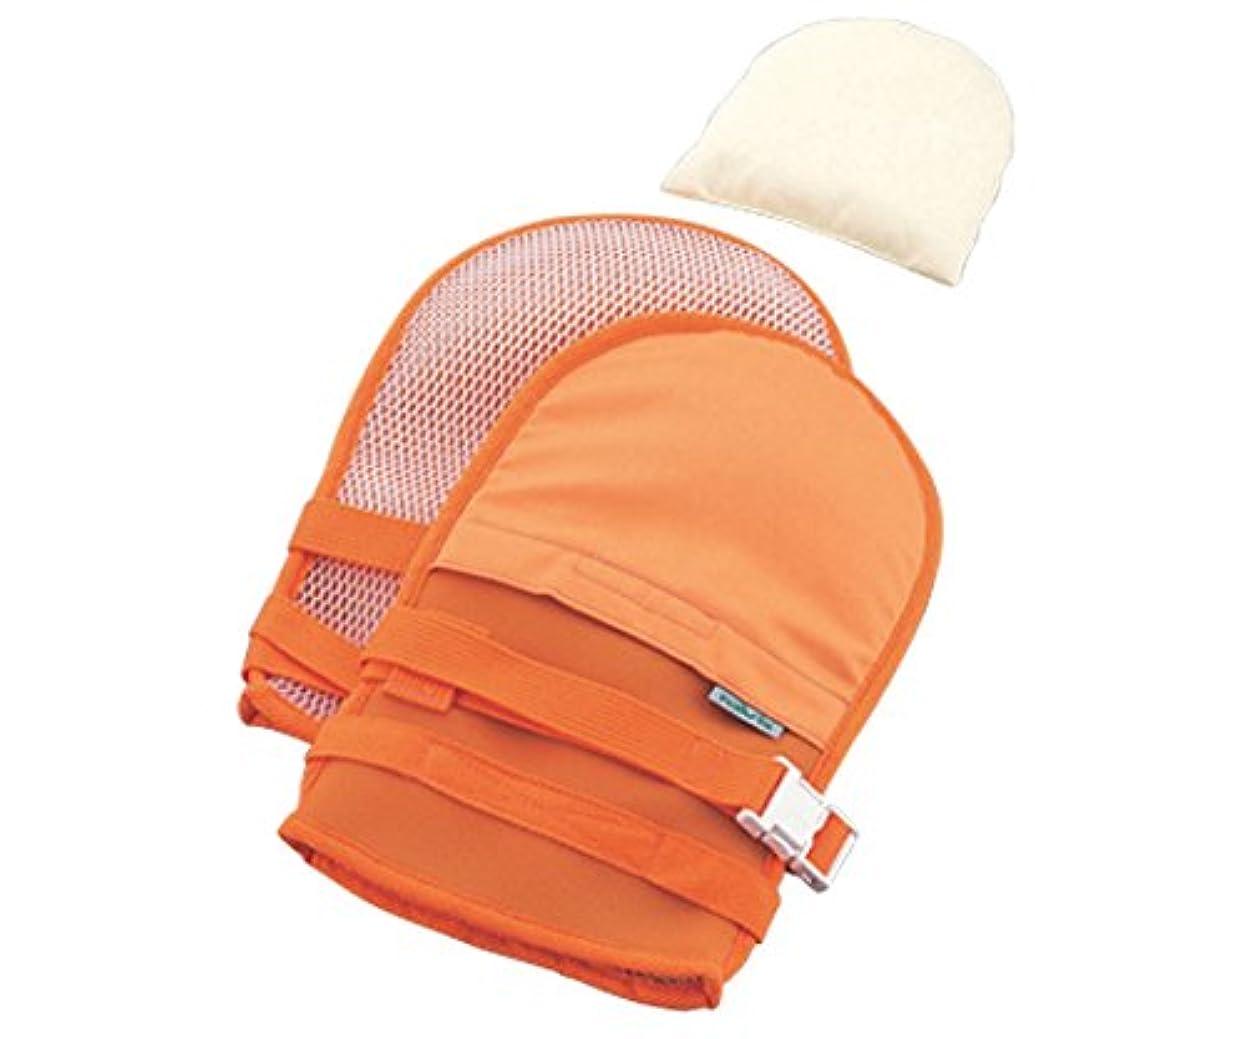 単なるスクランブルブラウス抜管防止手袋 中オレンジ /0-1638-42